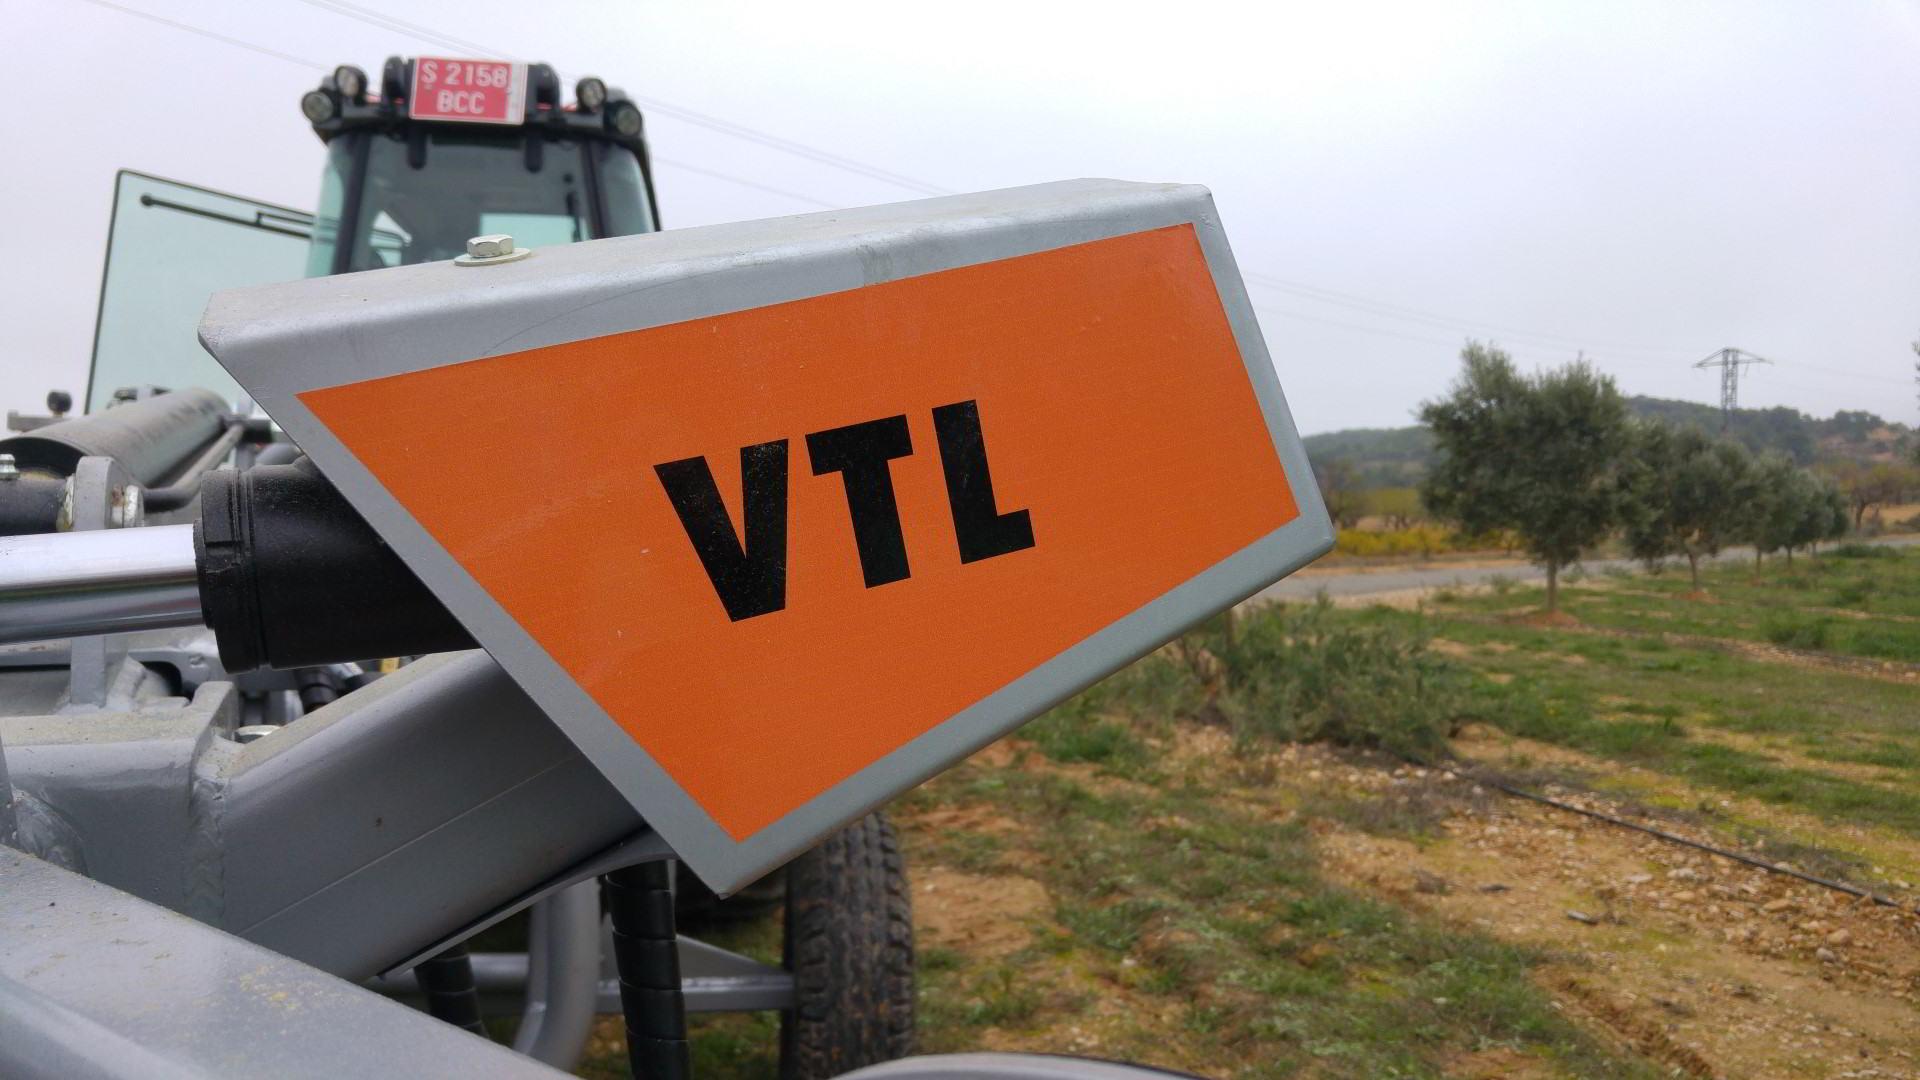 recolector vibrador trasero lateral VTL Classic